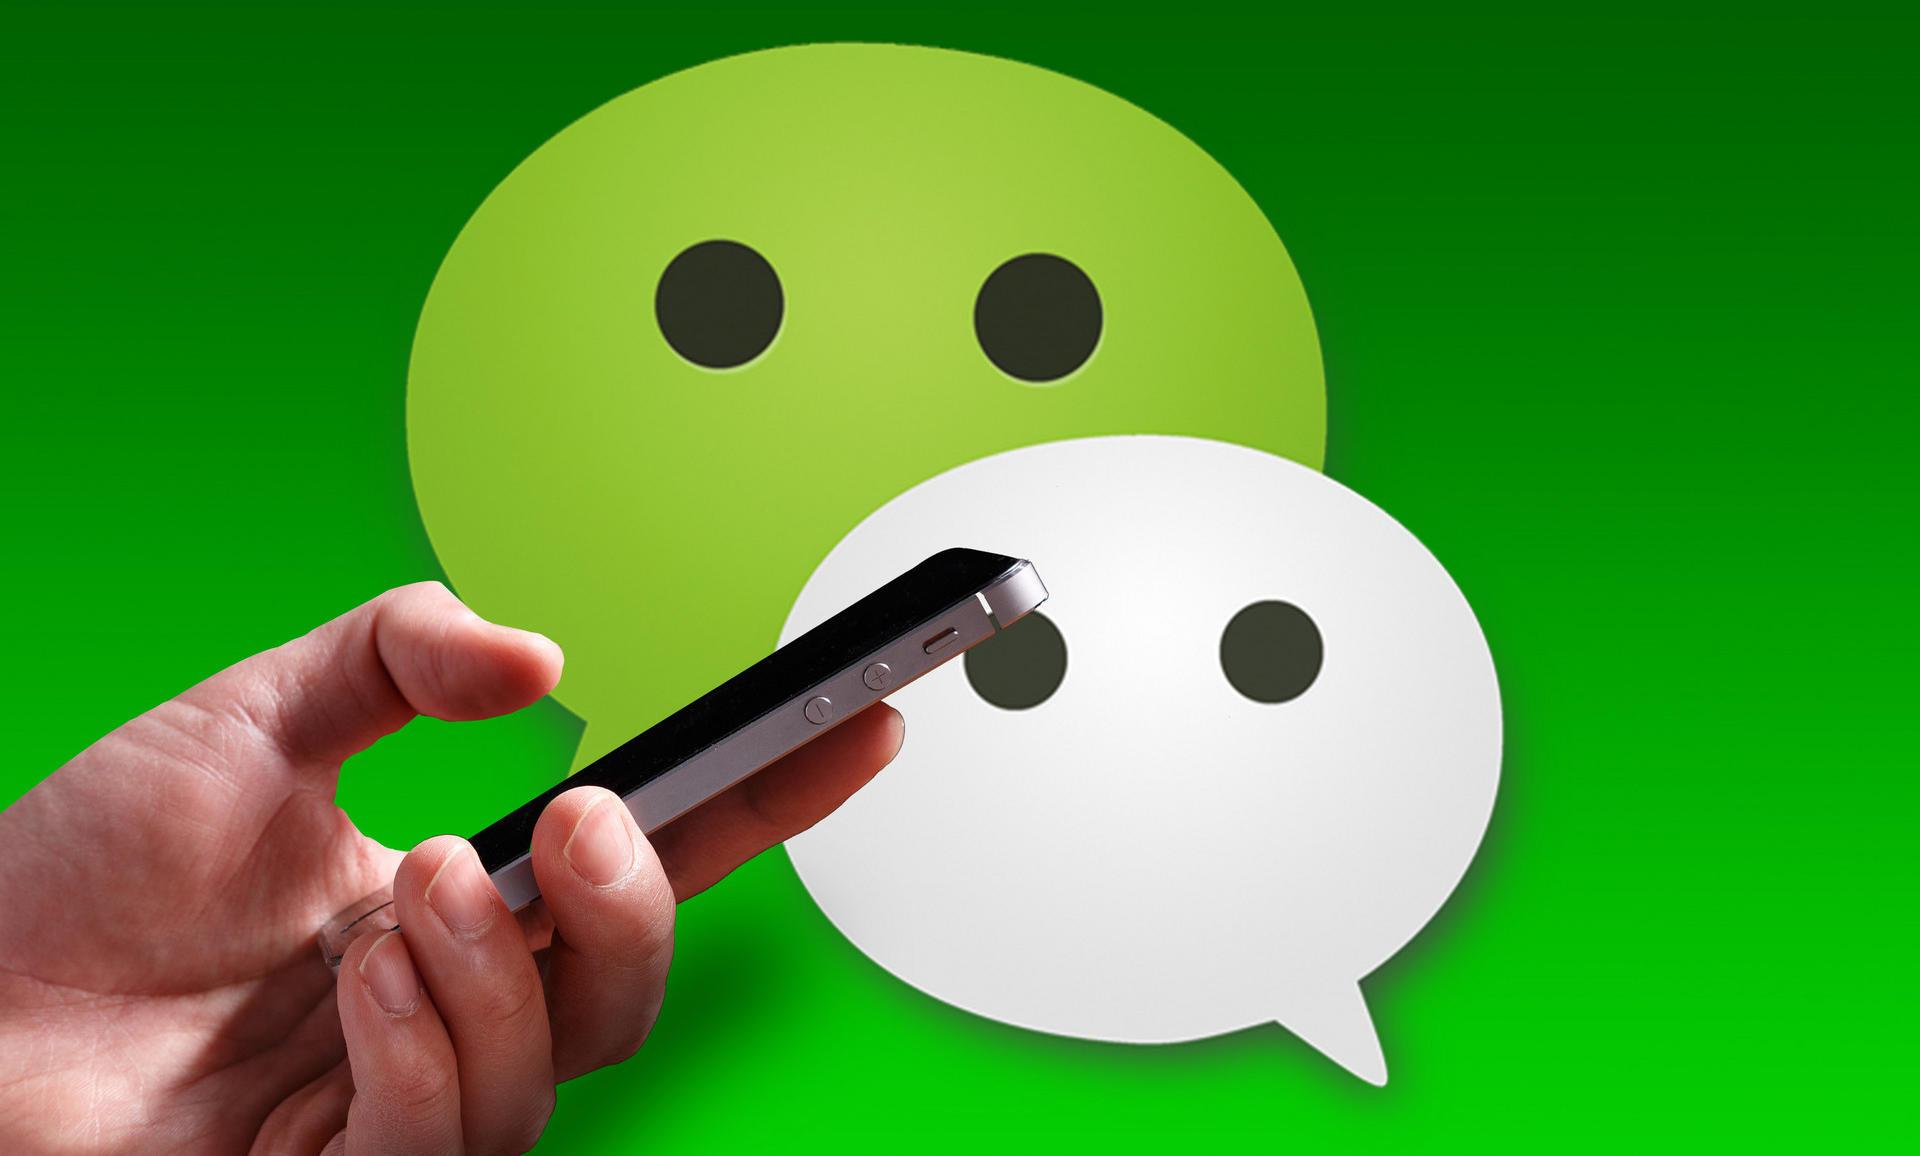 微信新增小程序入口 用惯搜一搜还想换吗?